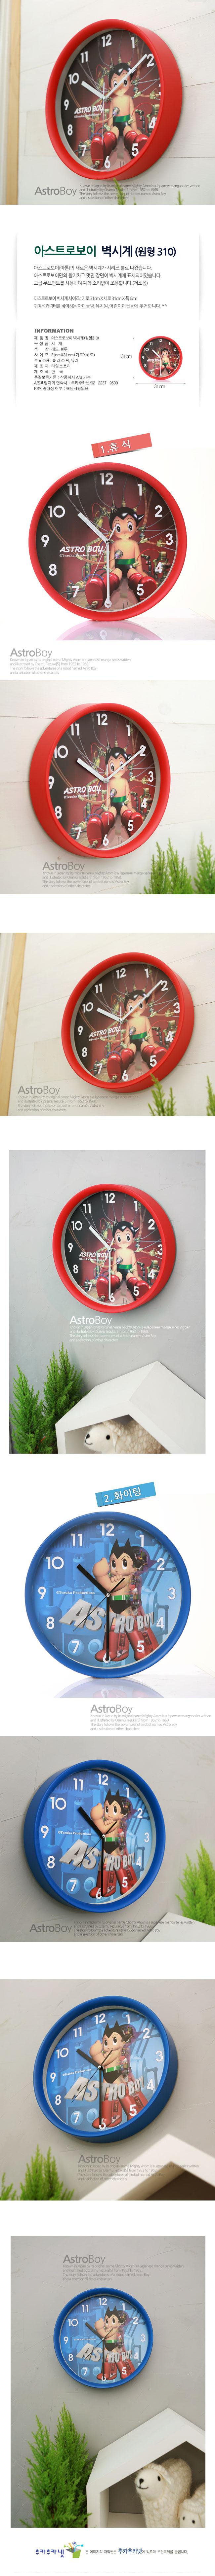 아스트로보이 아톰 원형 310 벽시계(화이팅) - 추카추카넷, 26,600원, 벽시계, 디자인벽시계